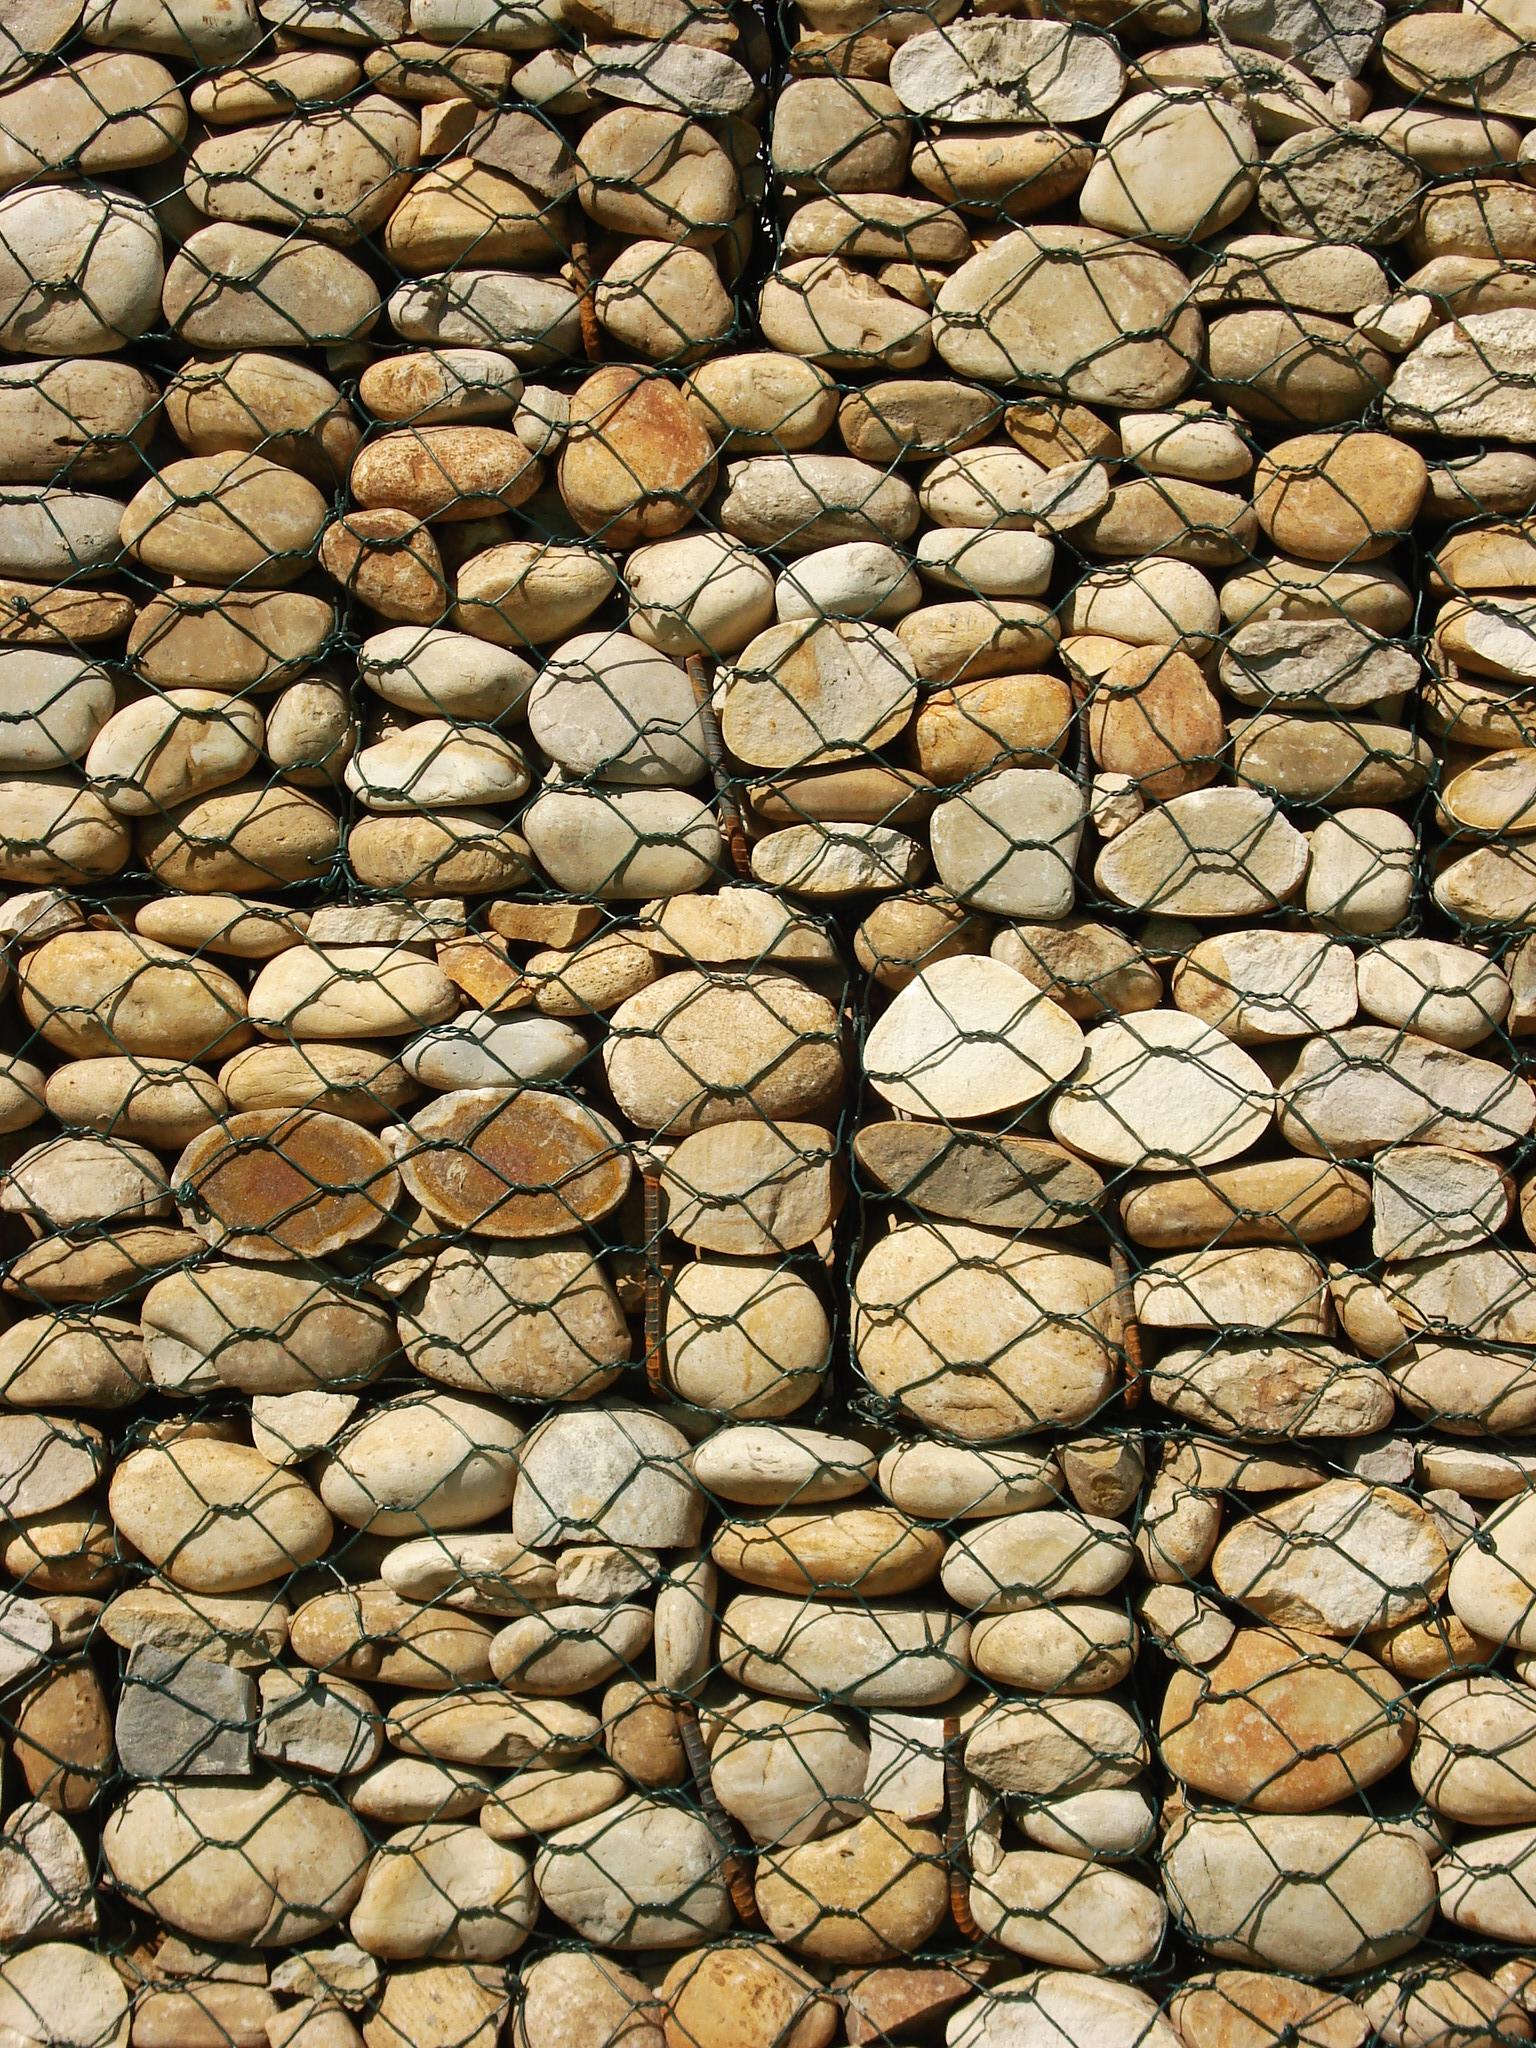 Villanueva-stone detail 1-© alejando piñol.JPG